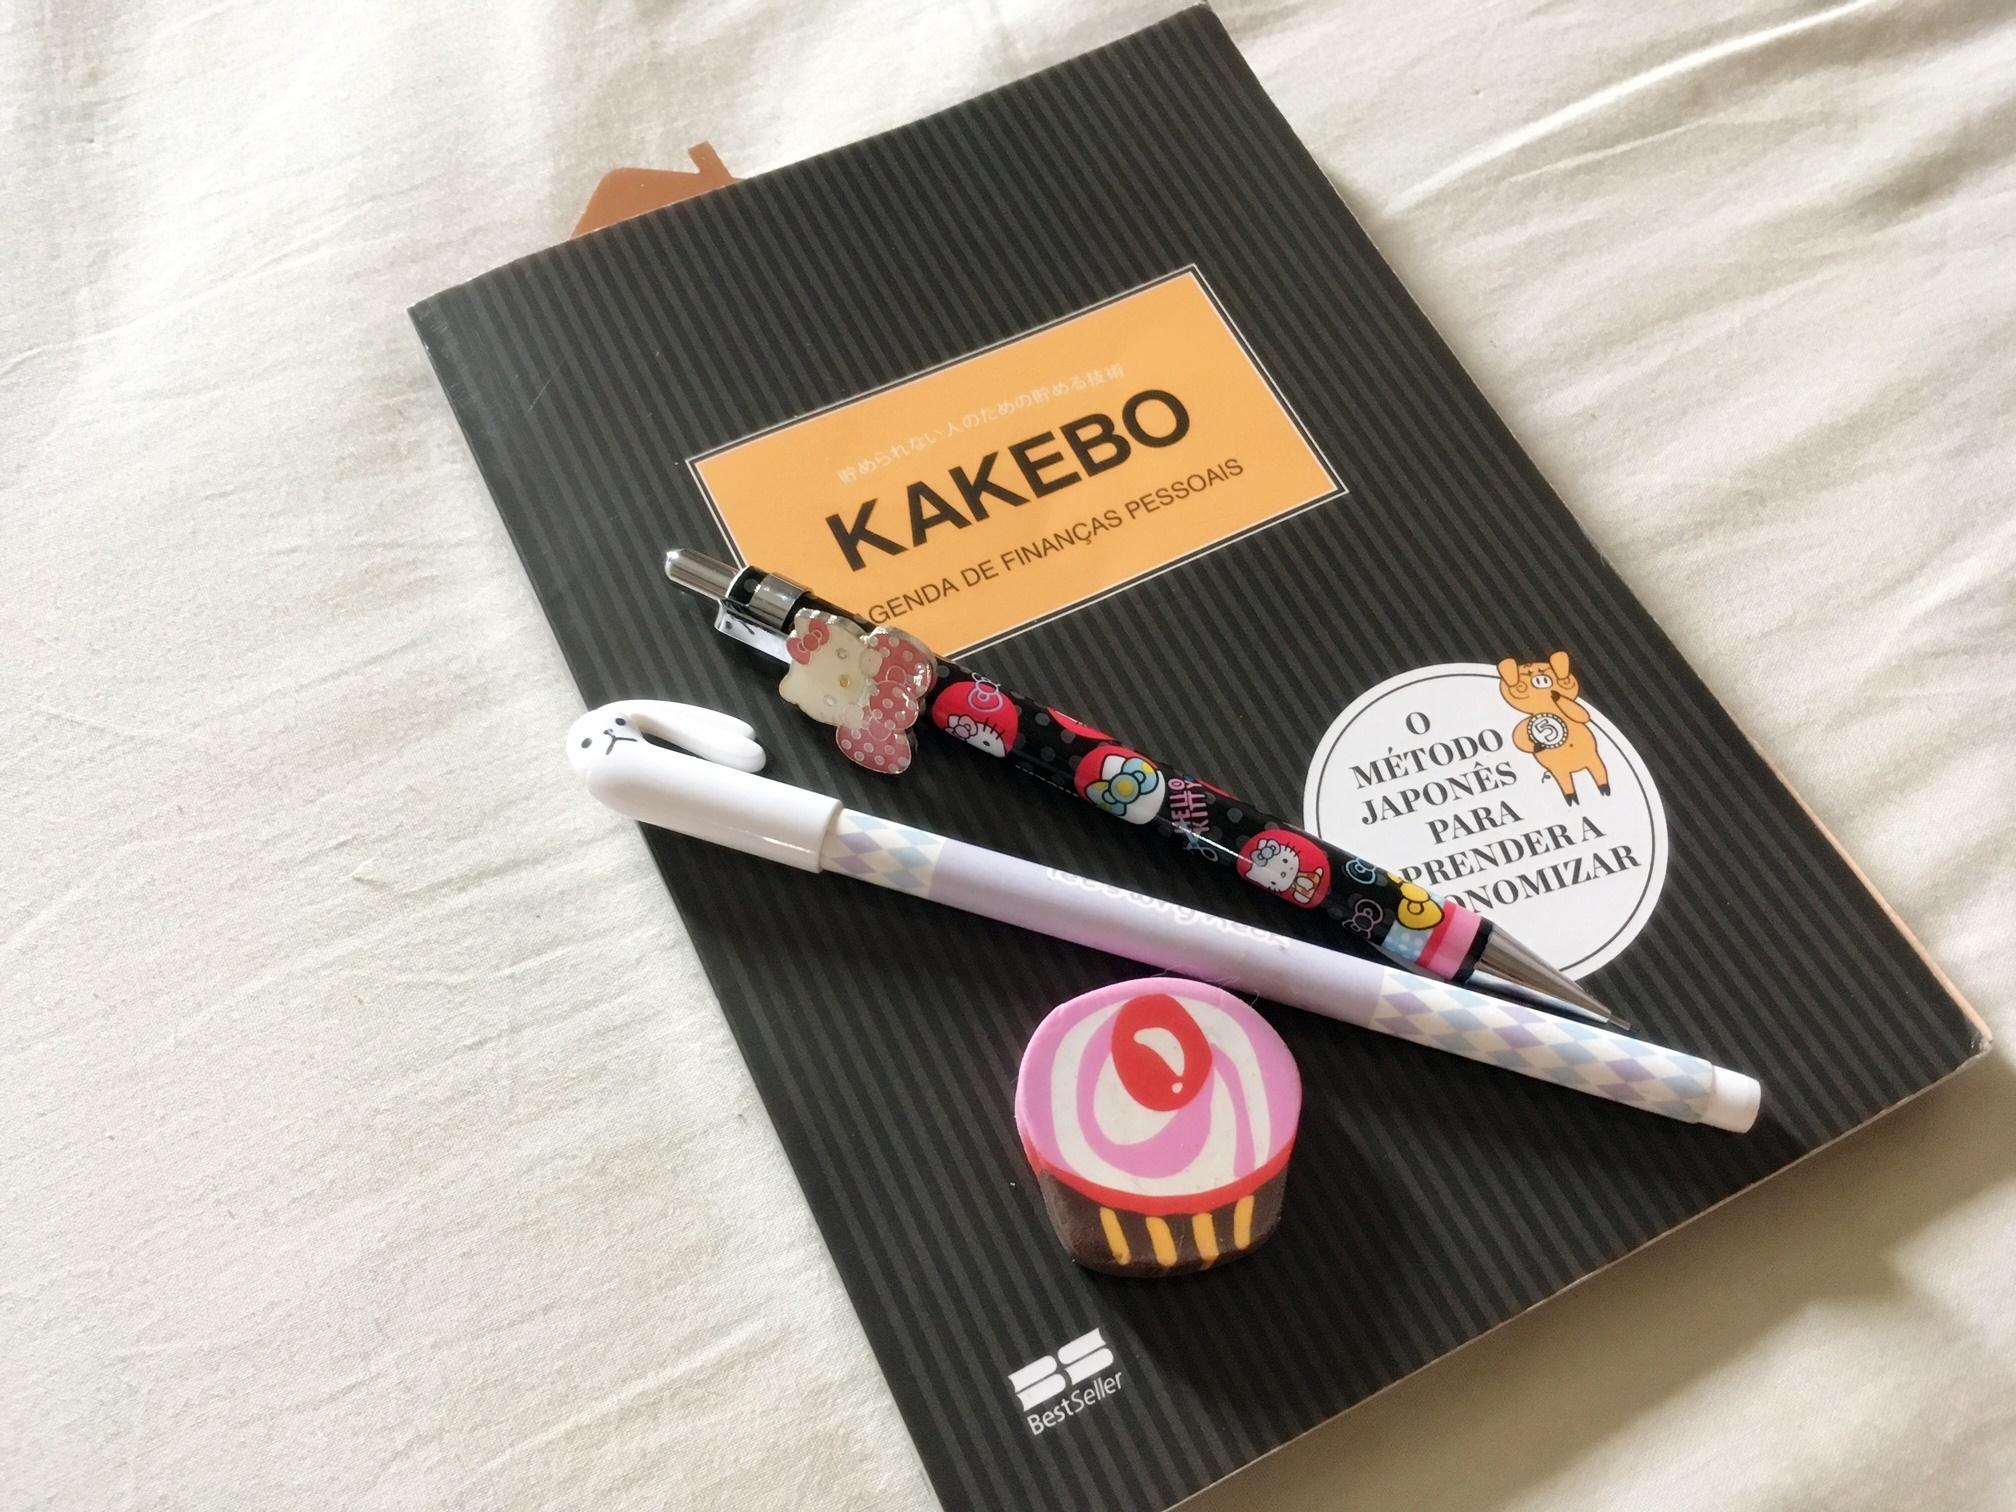 kakebo1